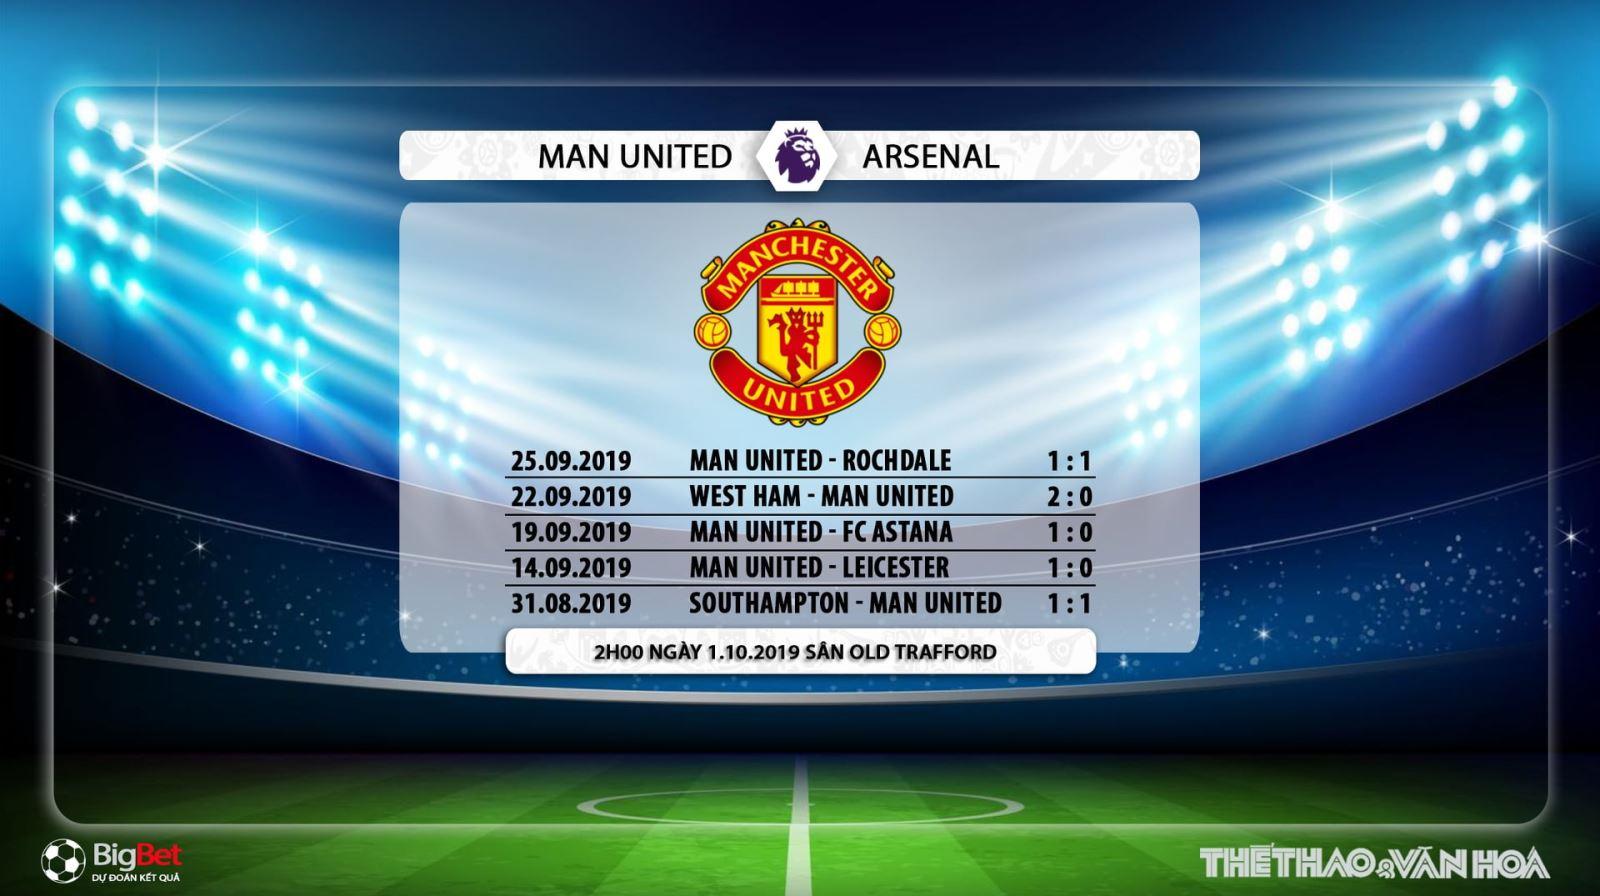 soi kèo bóng đá, MU đấu với Arsenal, truc tiep bong da hôm nay, MU vs Arsenal, trực tiếp bóng đá, K+, K+PM, K+PC, MU Arsenal, xem bóng đá trực tuyến